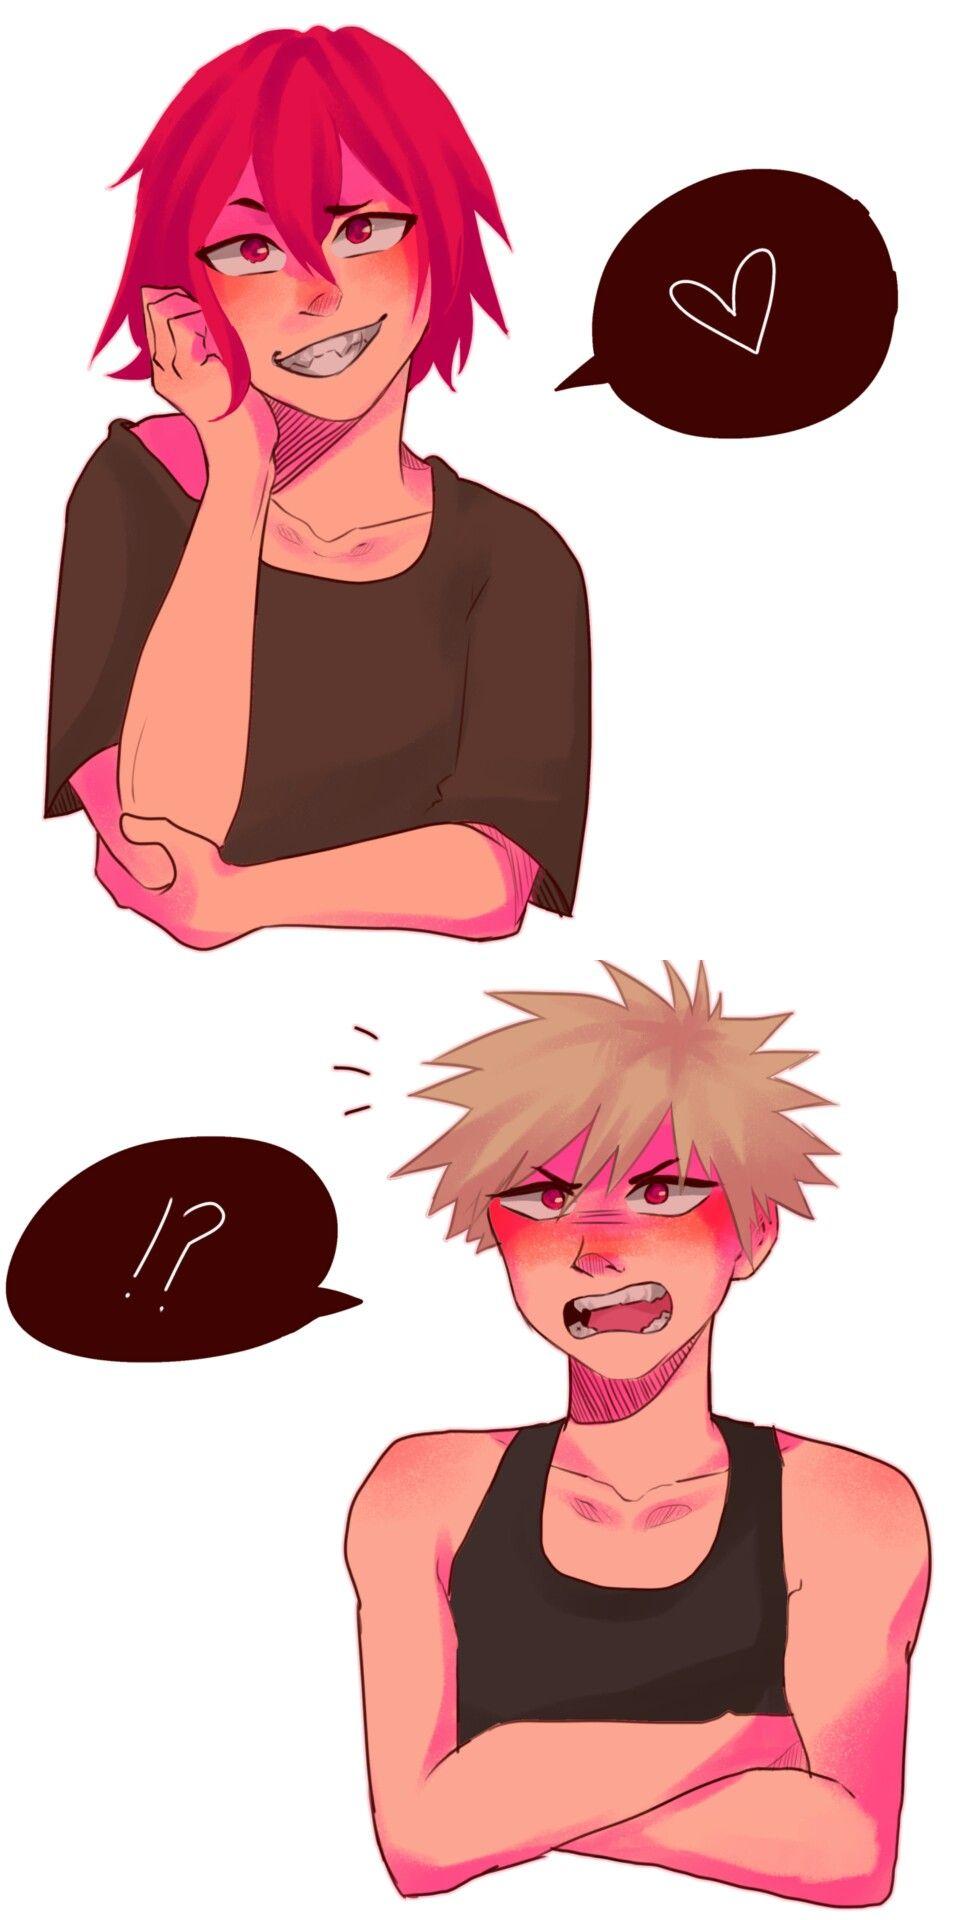 Аниме персонажи с короткими красными волосами (5)